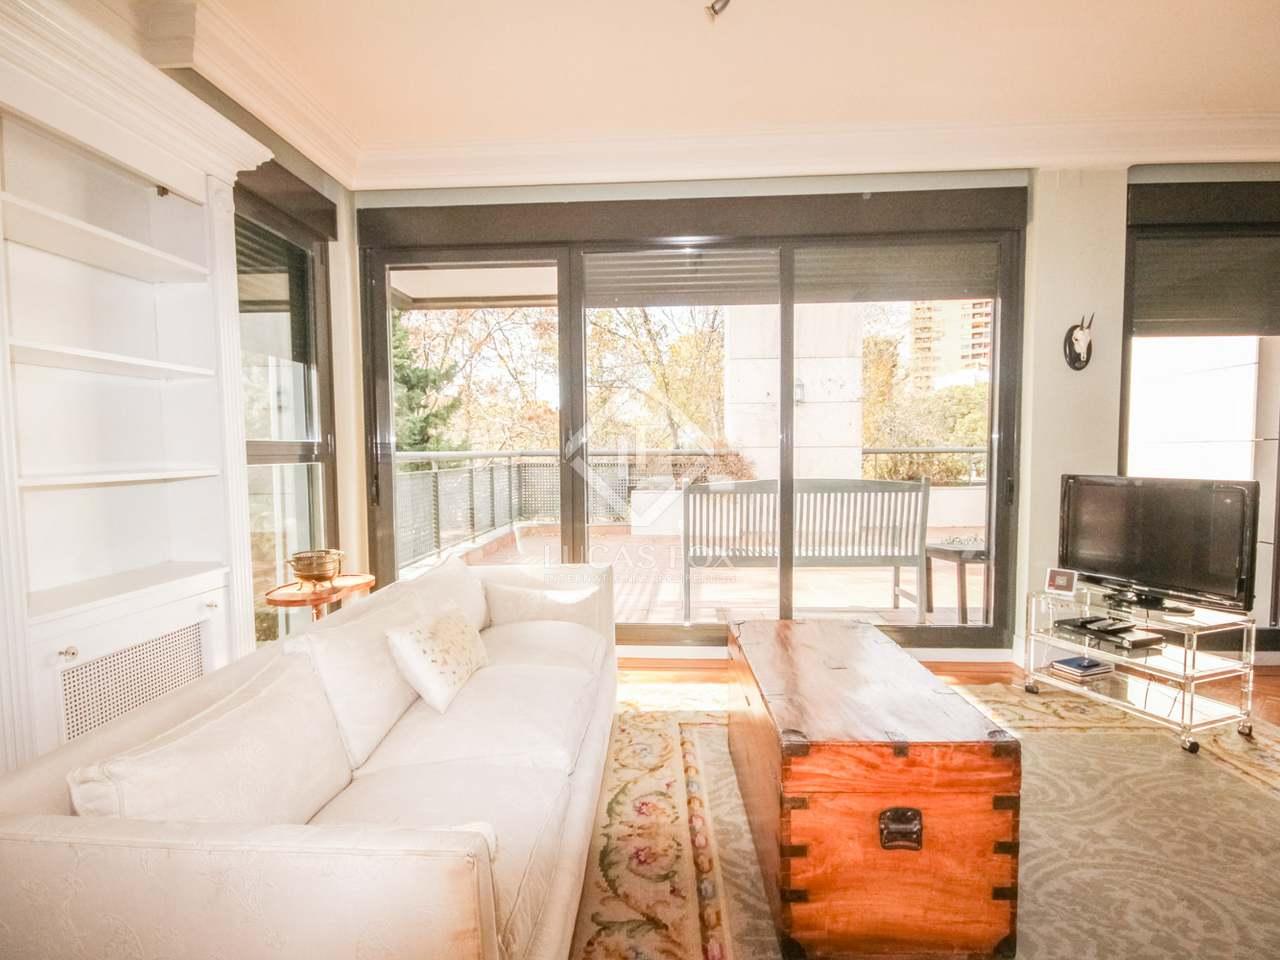 Casa de 300 m en alquiler en arturo soria madrid - Apartamentos arturo soria ...